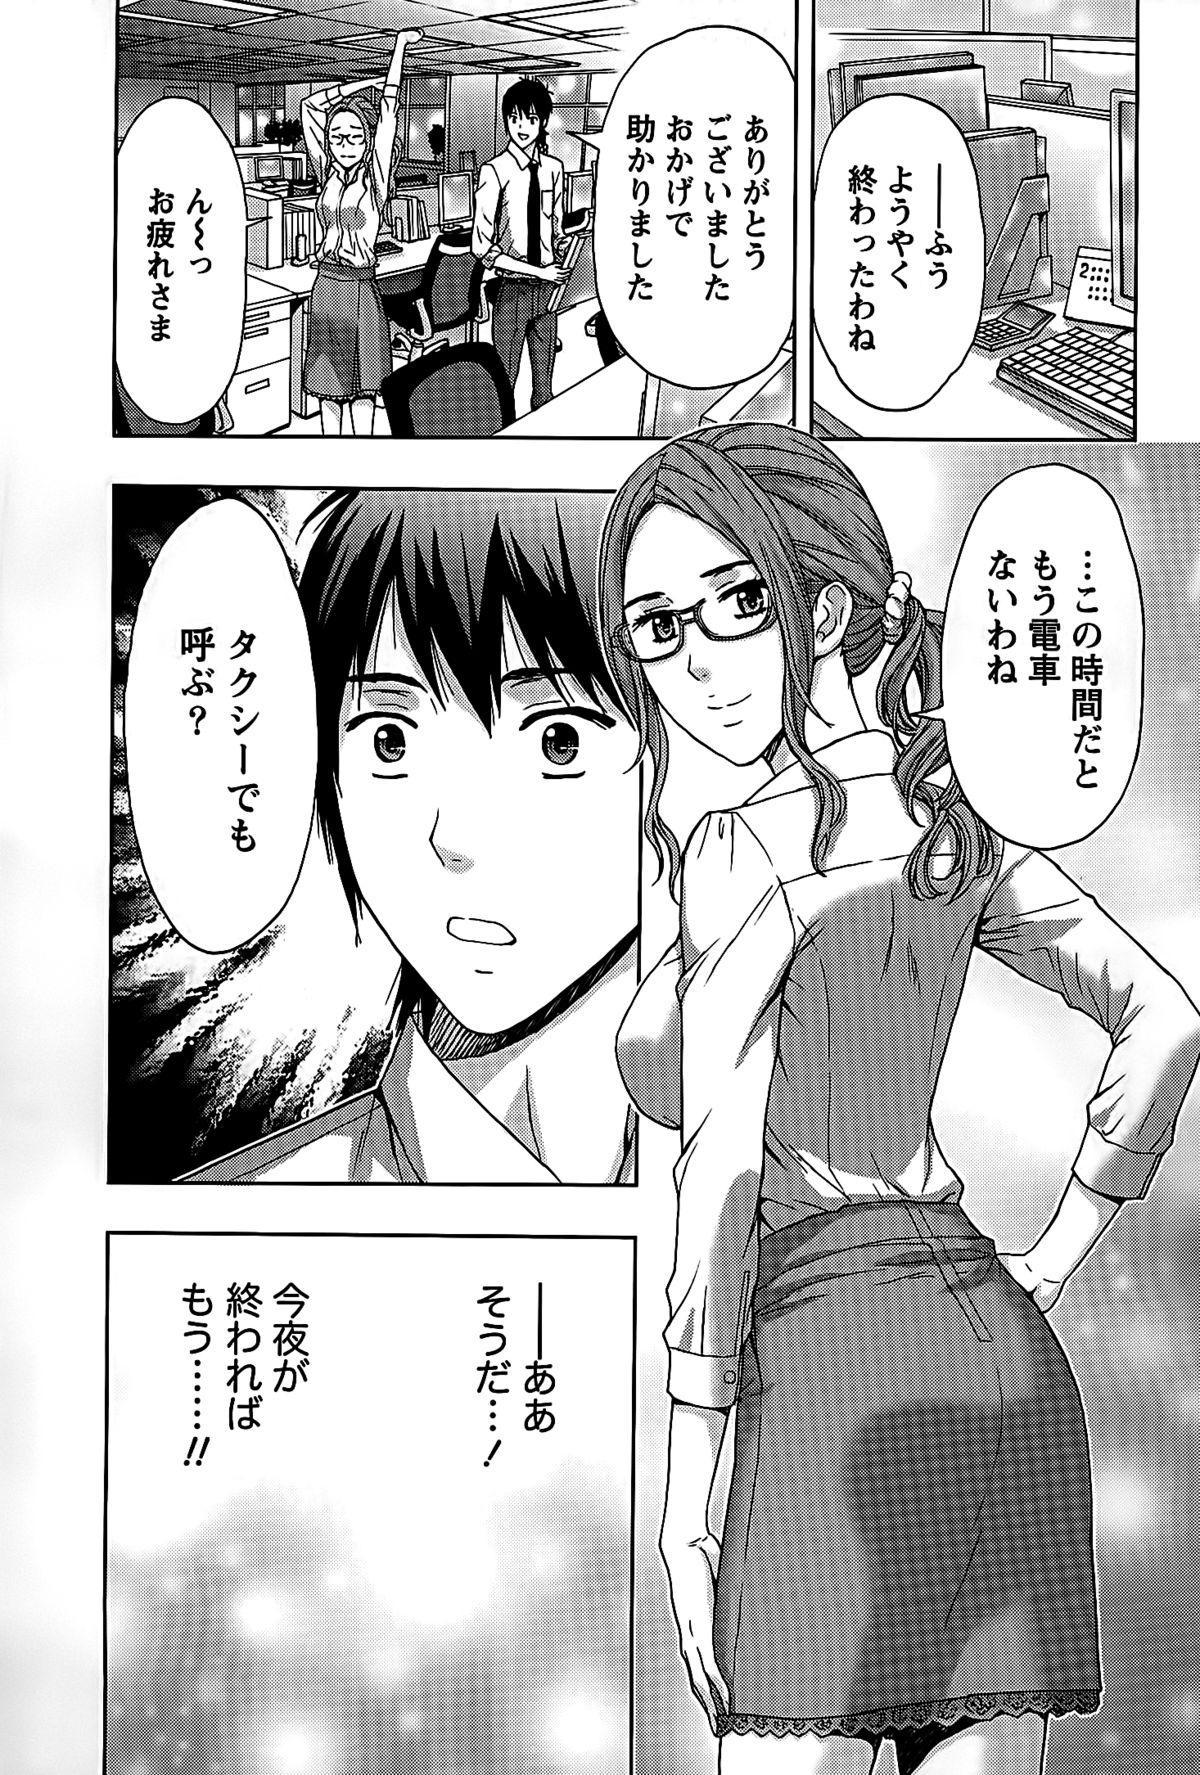 Shittori Lady to Amai Mitsu 34